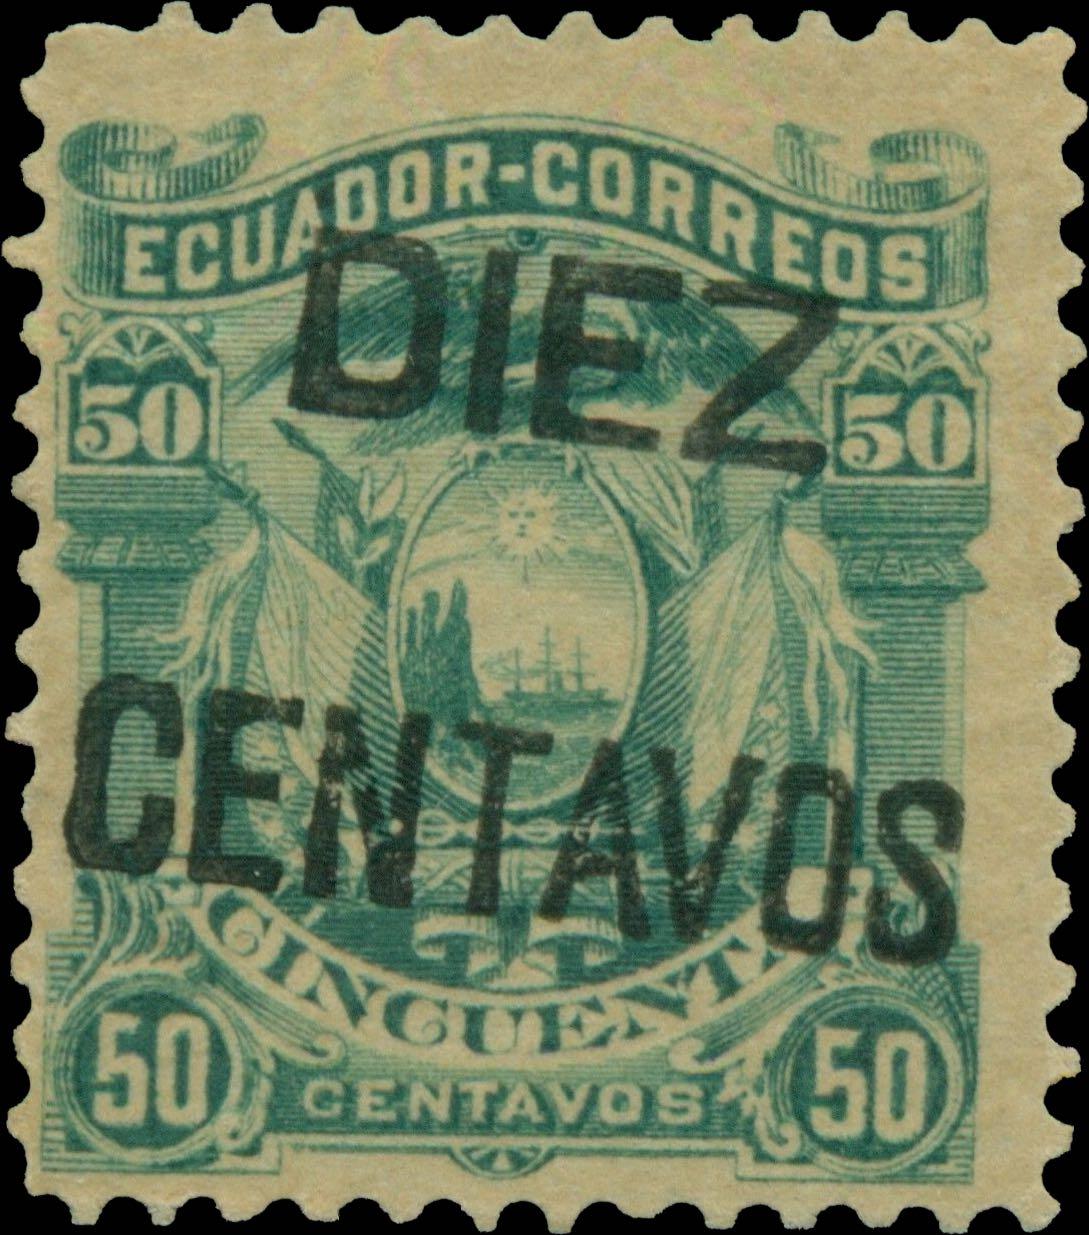 Ecuador_1883_Diez_Centavos_overprint_Forgery1